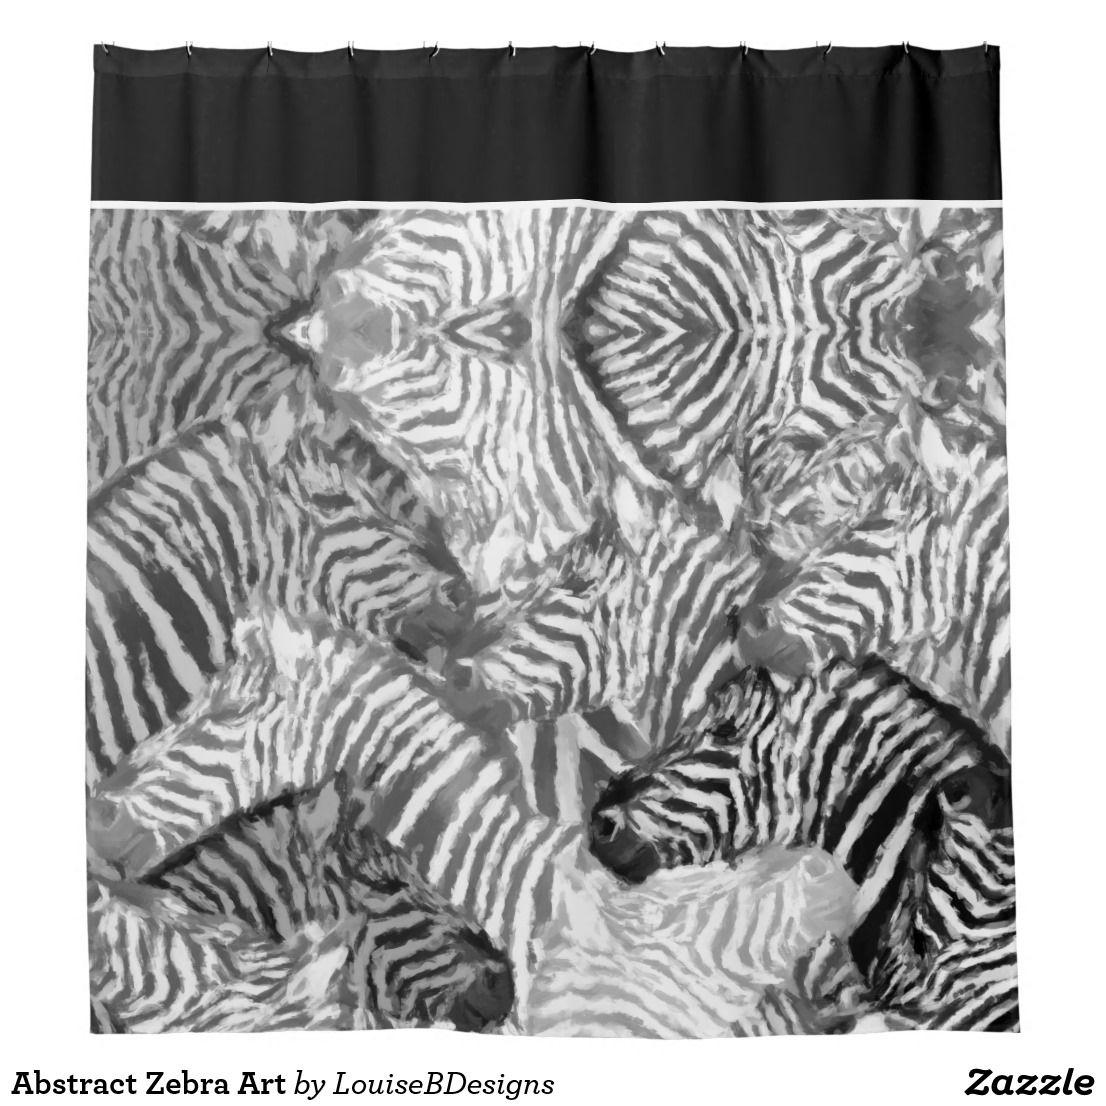 Abstract zebra art shower curtain zebra art